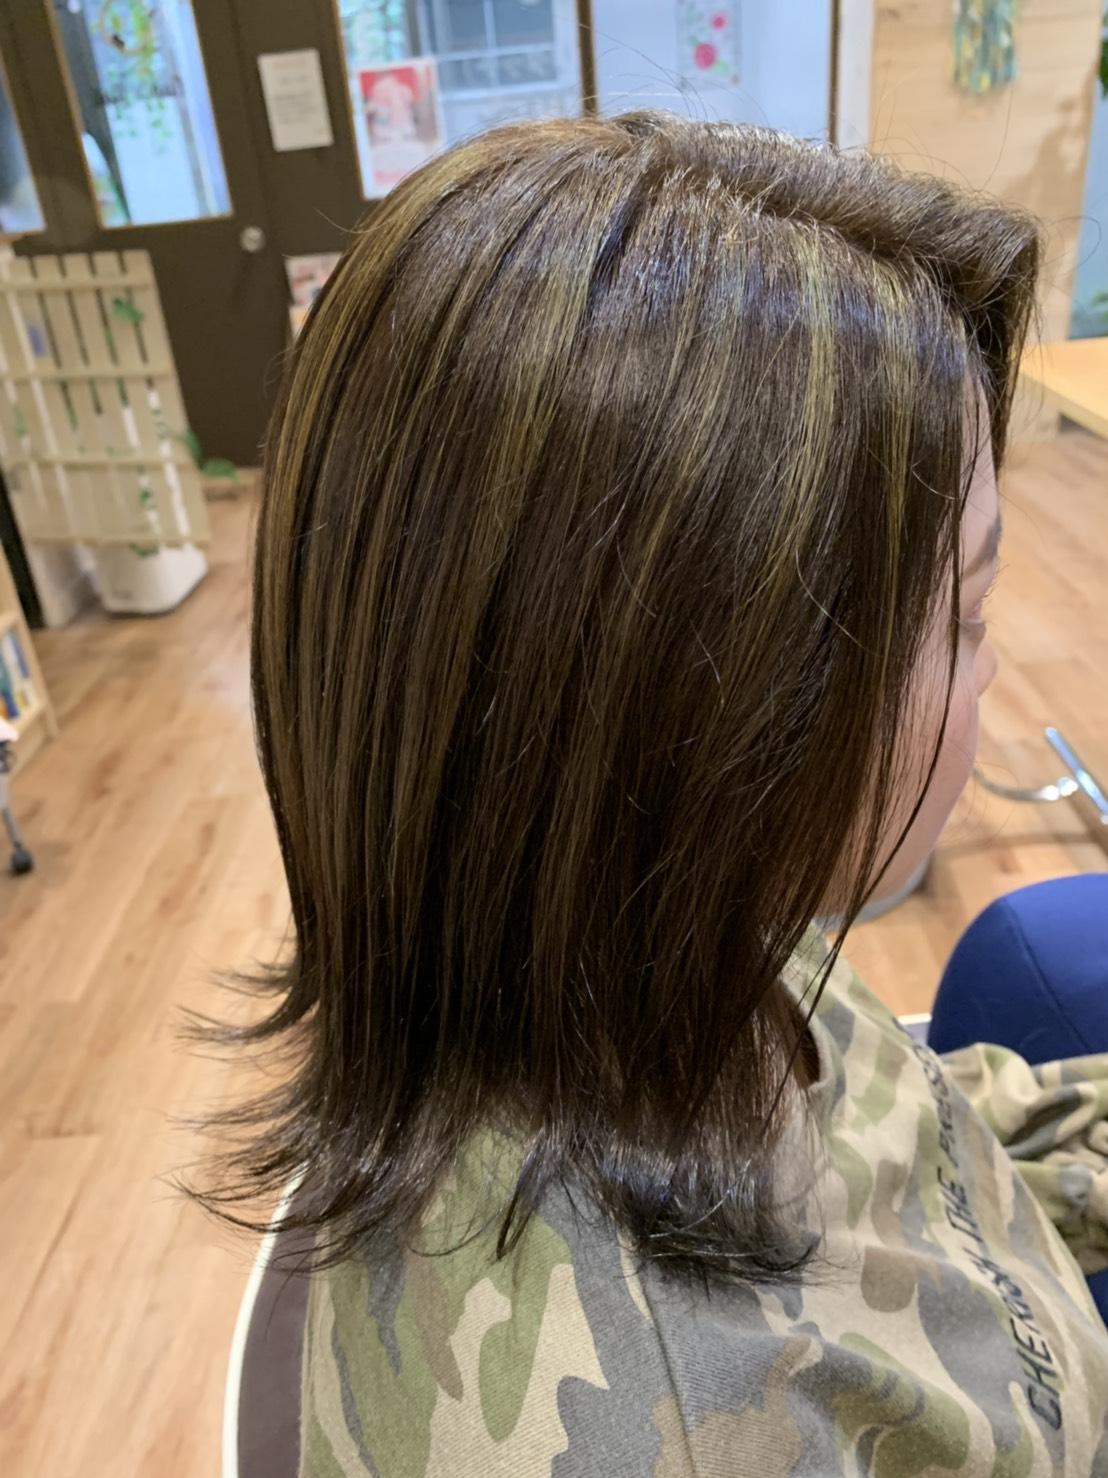 S  31023119 - Hair Gallery